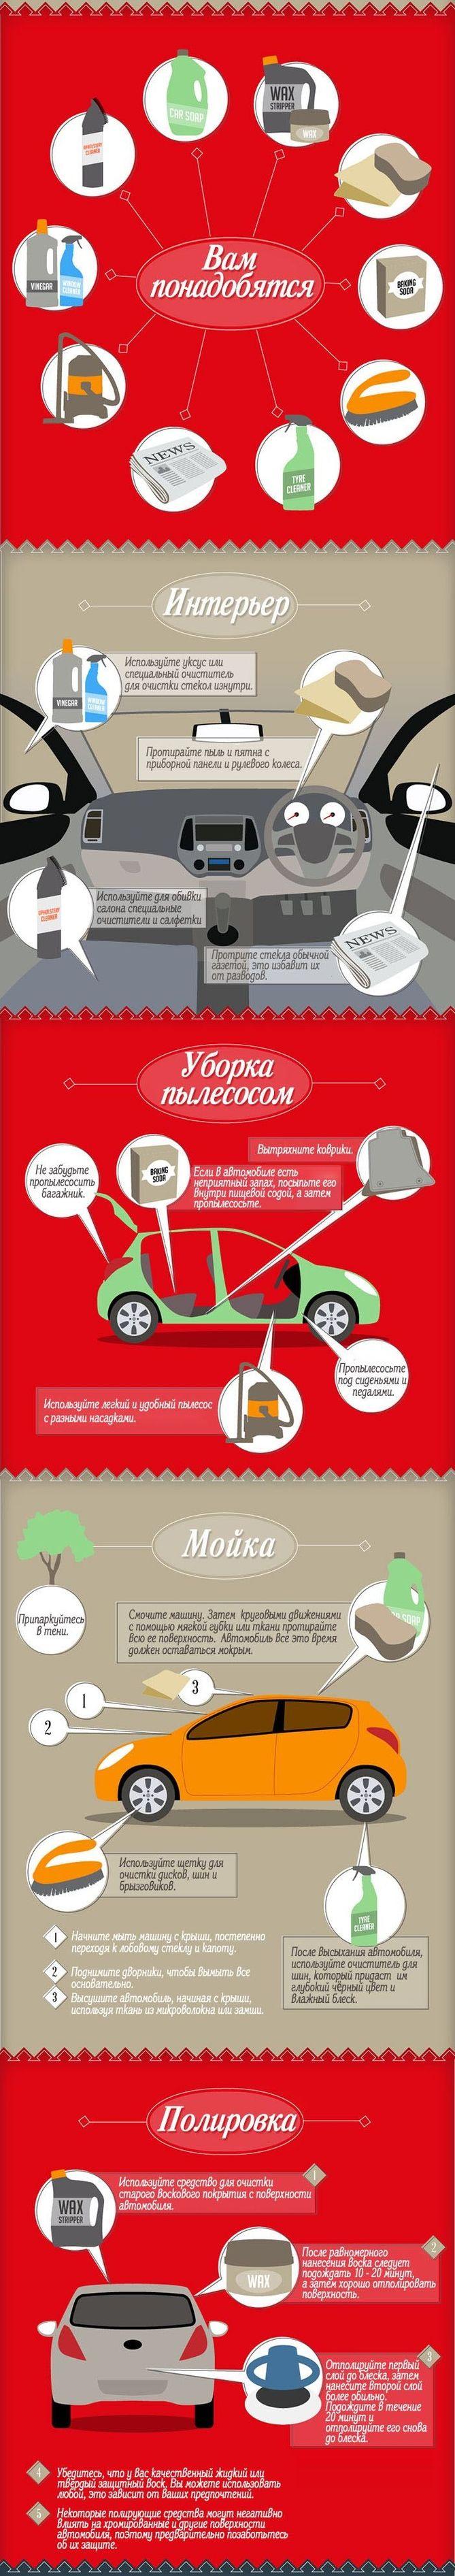 http://img-fotki.yandex.ru/get/6731/47283297.21/0_e498b_1a0bb46d_orig